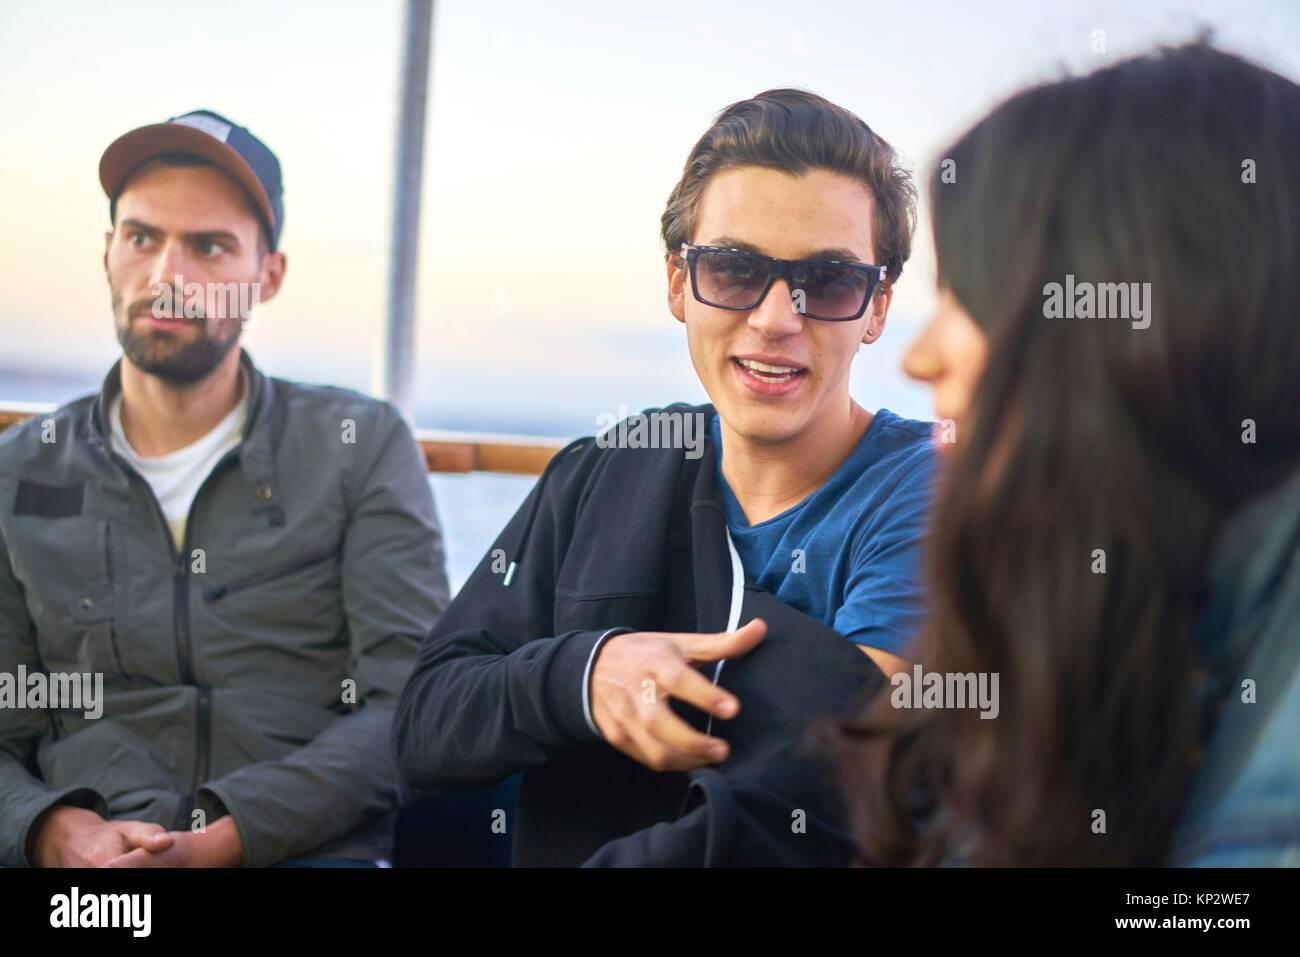 Les jeunes gens au cours d'une conversation internationale Photo Stock